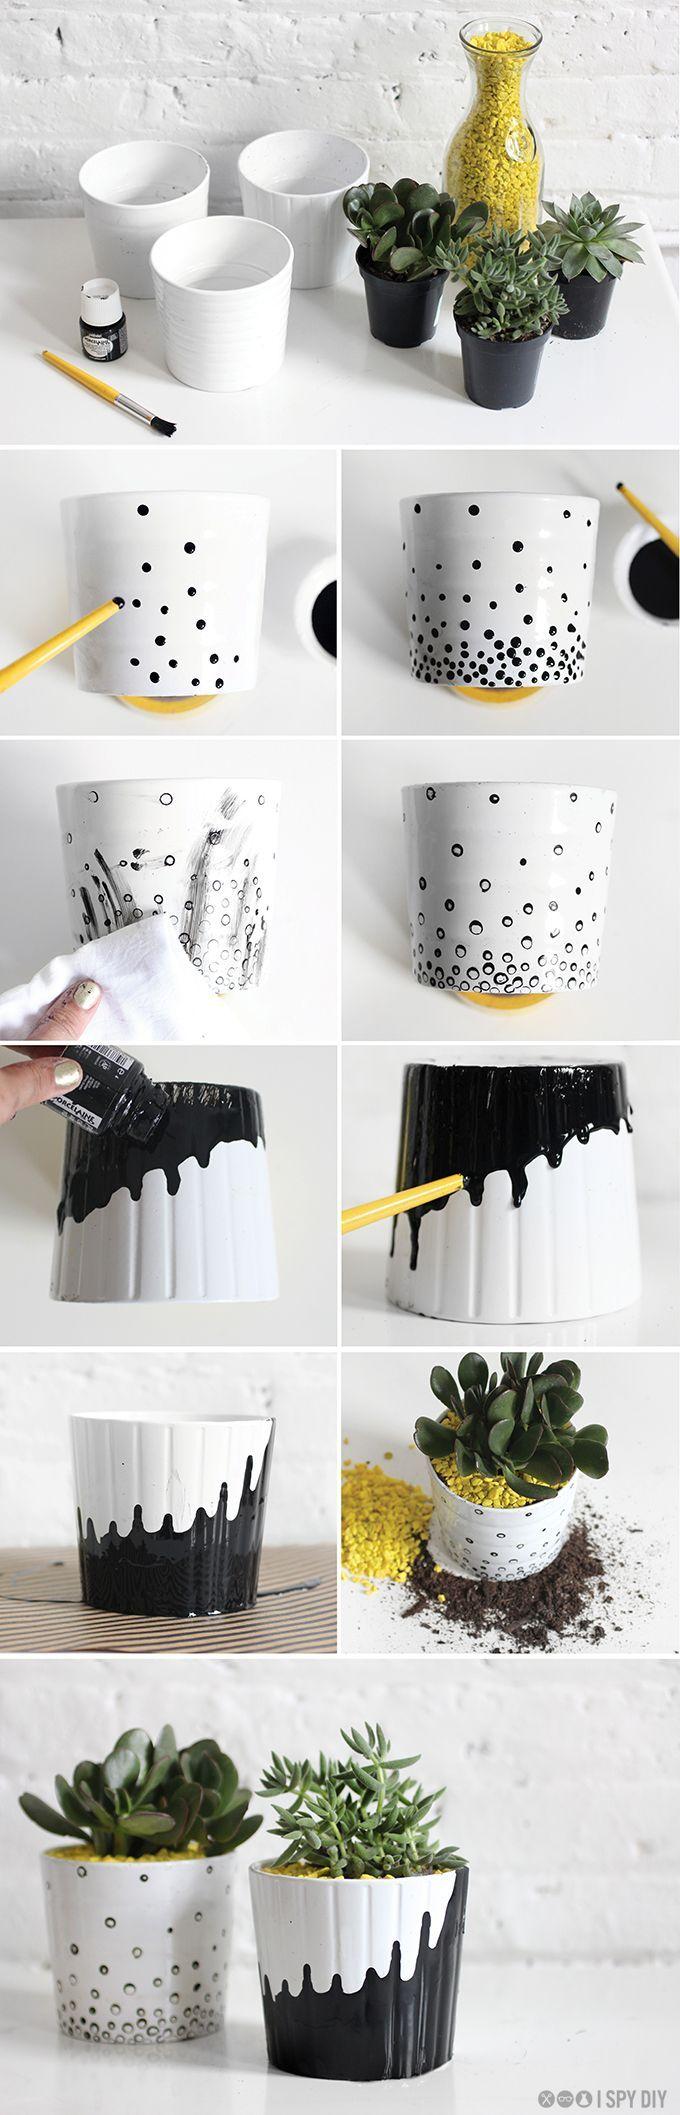 White Ceramic Pots Handpainted With Black Acrylic Enamel Diy Gifts Pots Macetas Pintadas Macetas Decoracion De Macetas